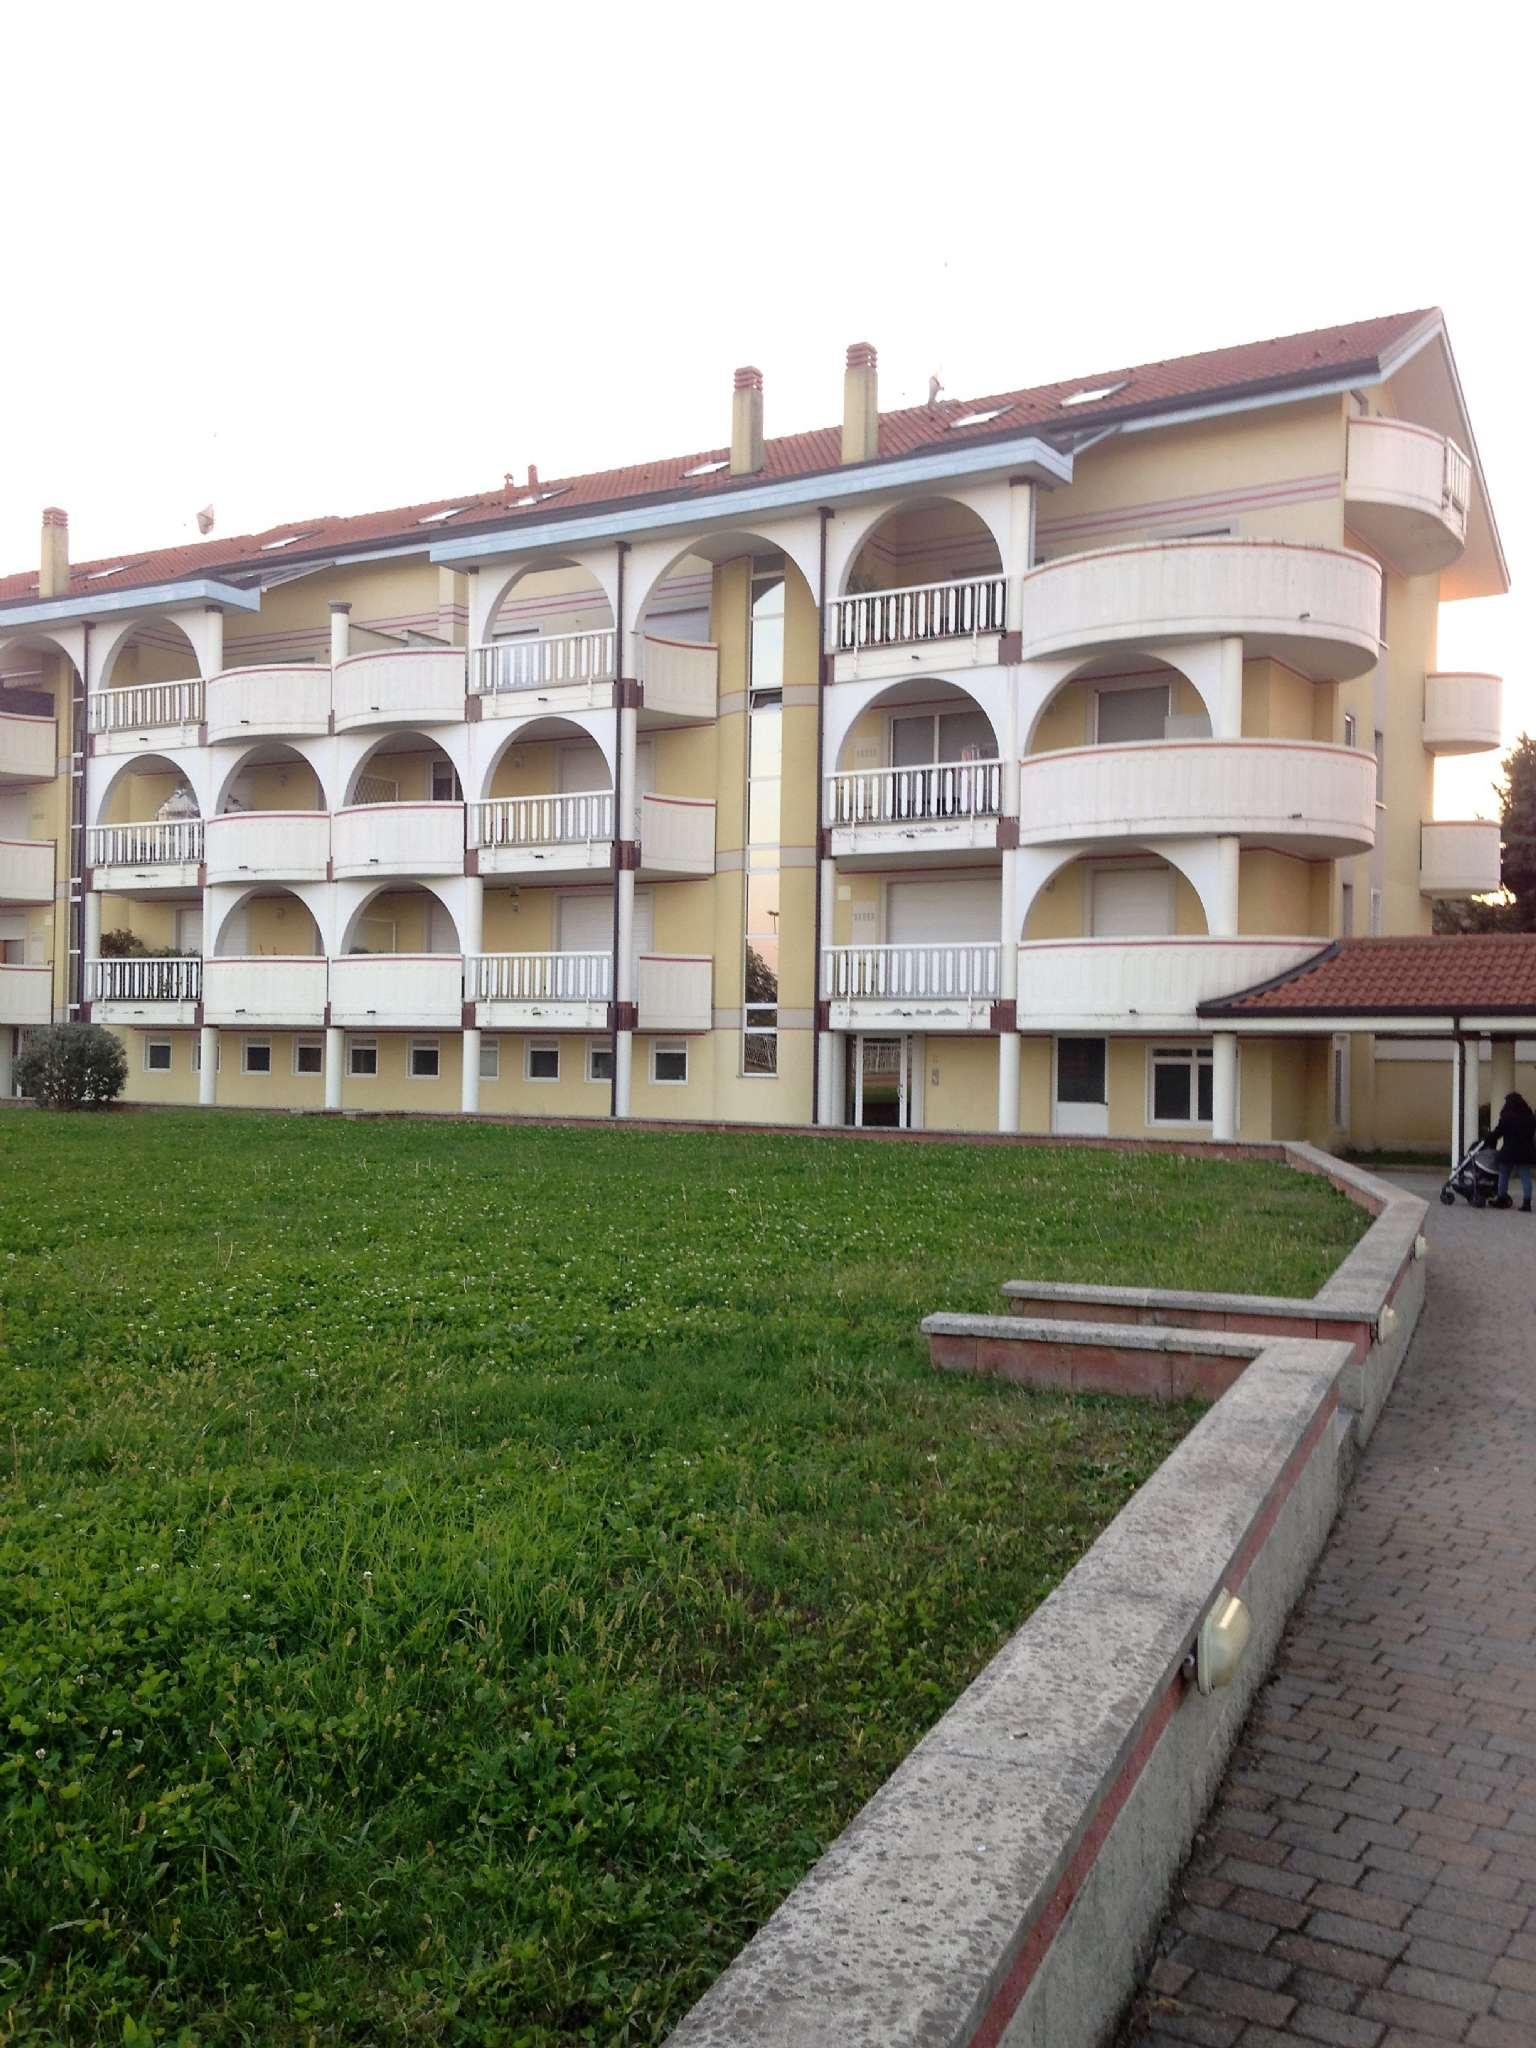 Appartamento in vendita a Arluno, 3 locali, prezzo € 154.000 | CambioCasa.it